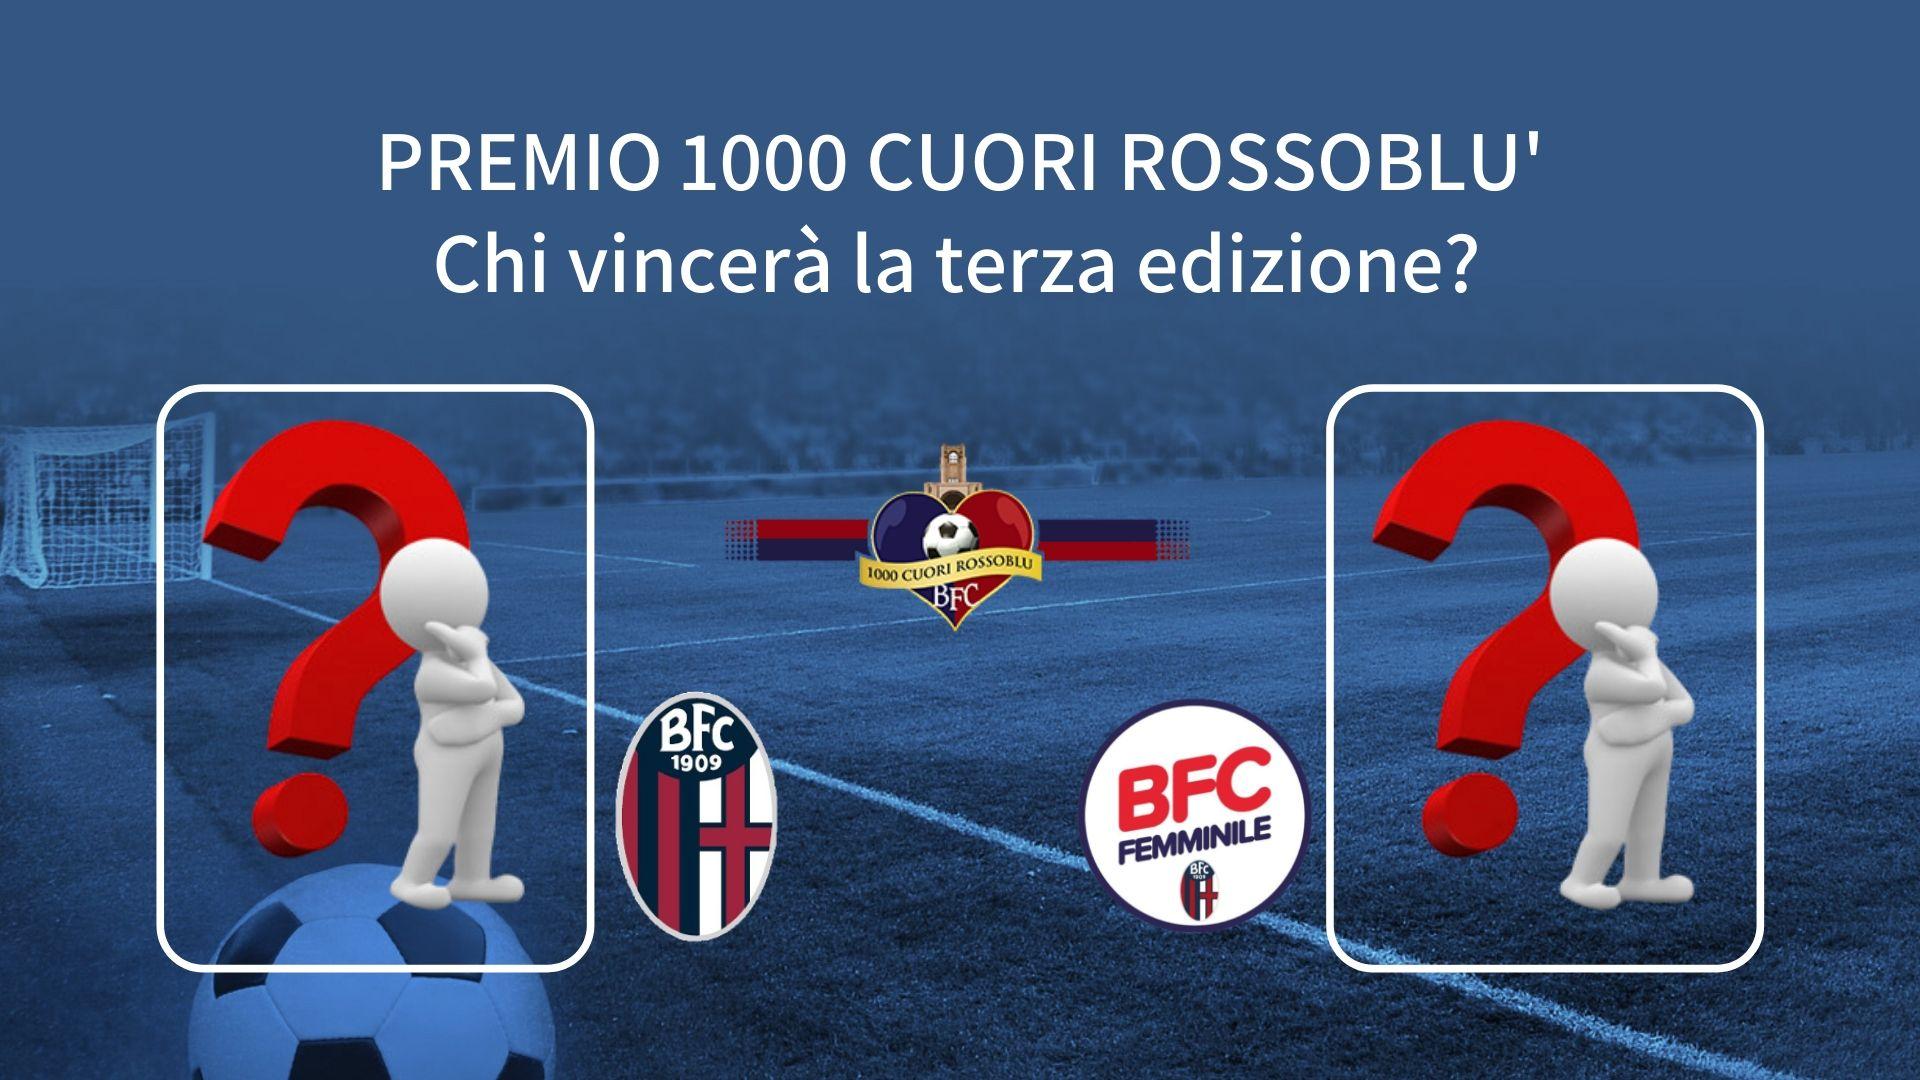 Premio 1000 Cuori Rossoblu - Vota il miglior giocatore e la miglior giocatrice della stagione 2019/2020